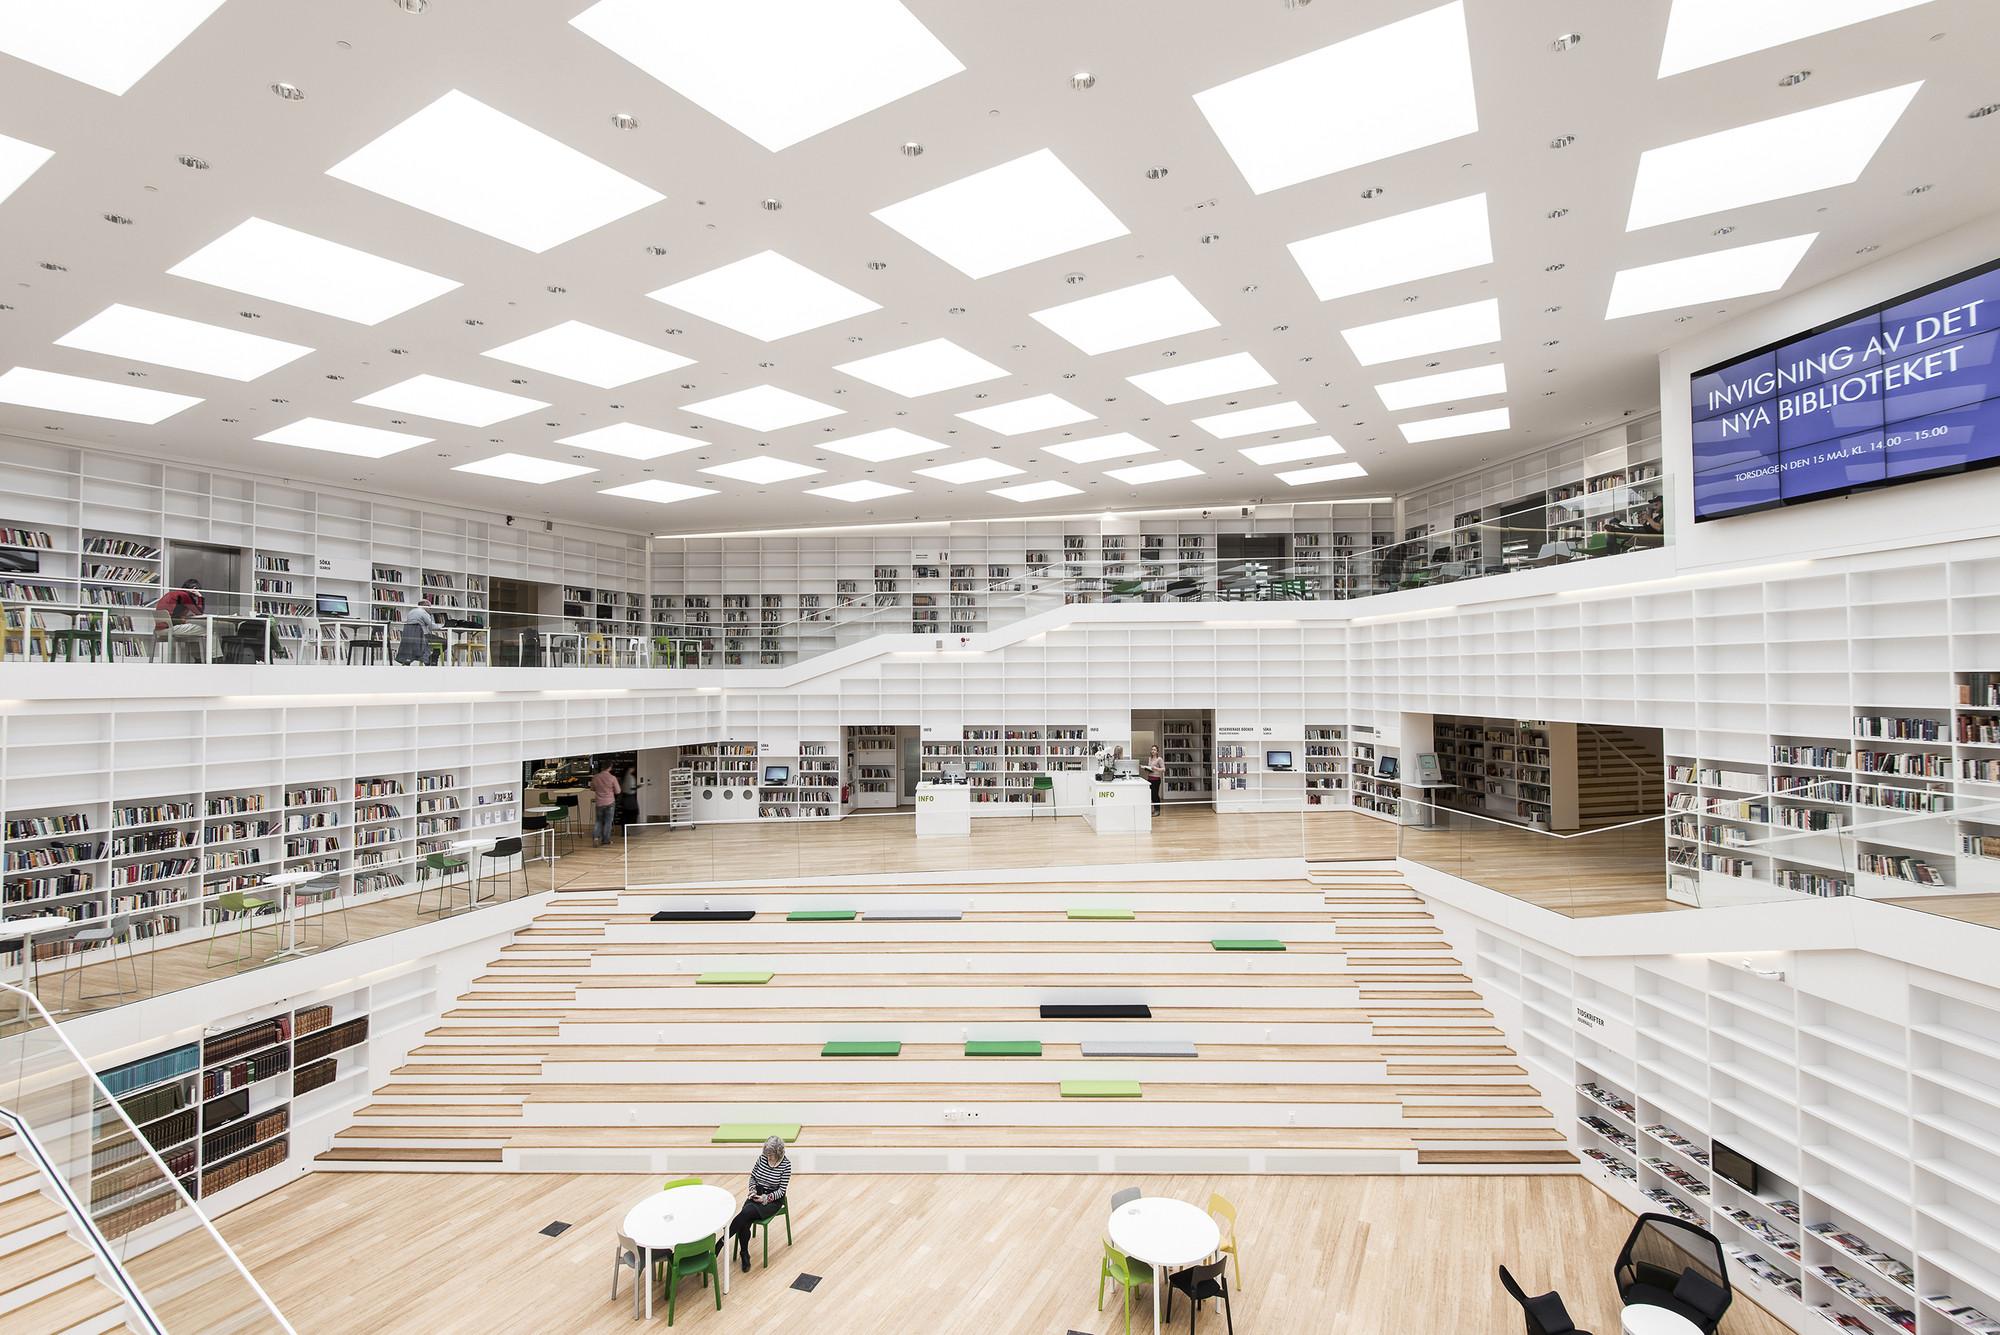 Dalarna Media Library / ADEPT. Imagen © Wilhelm Rejnus & Linus Flodin